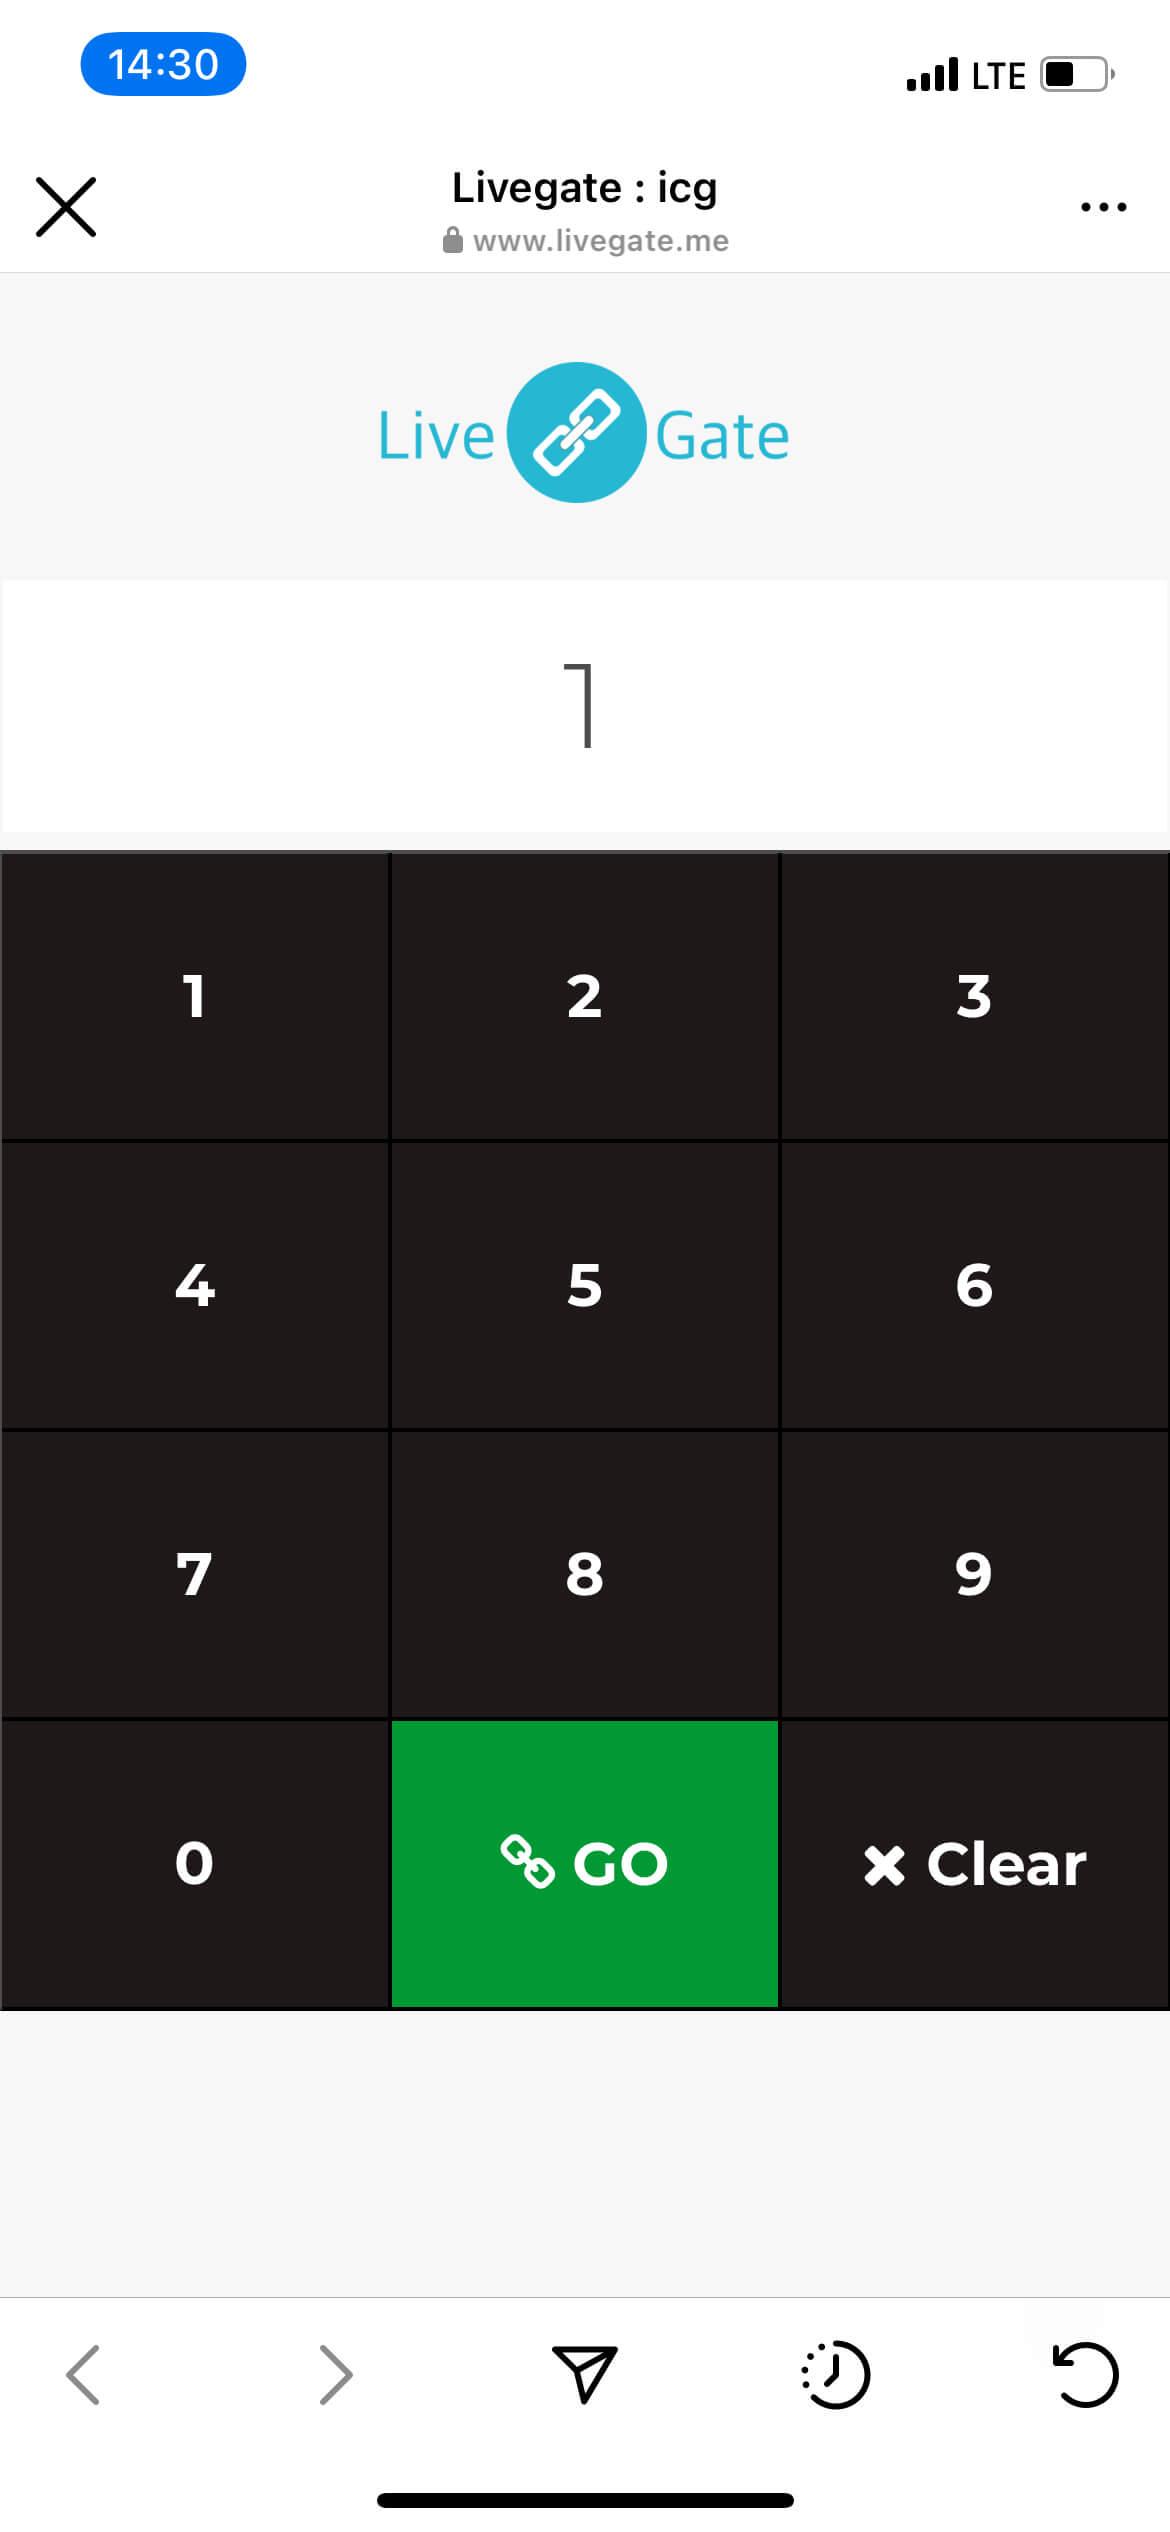 Livegate - Enter link code